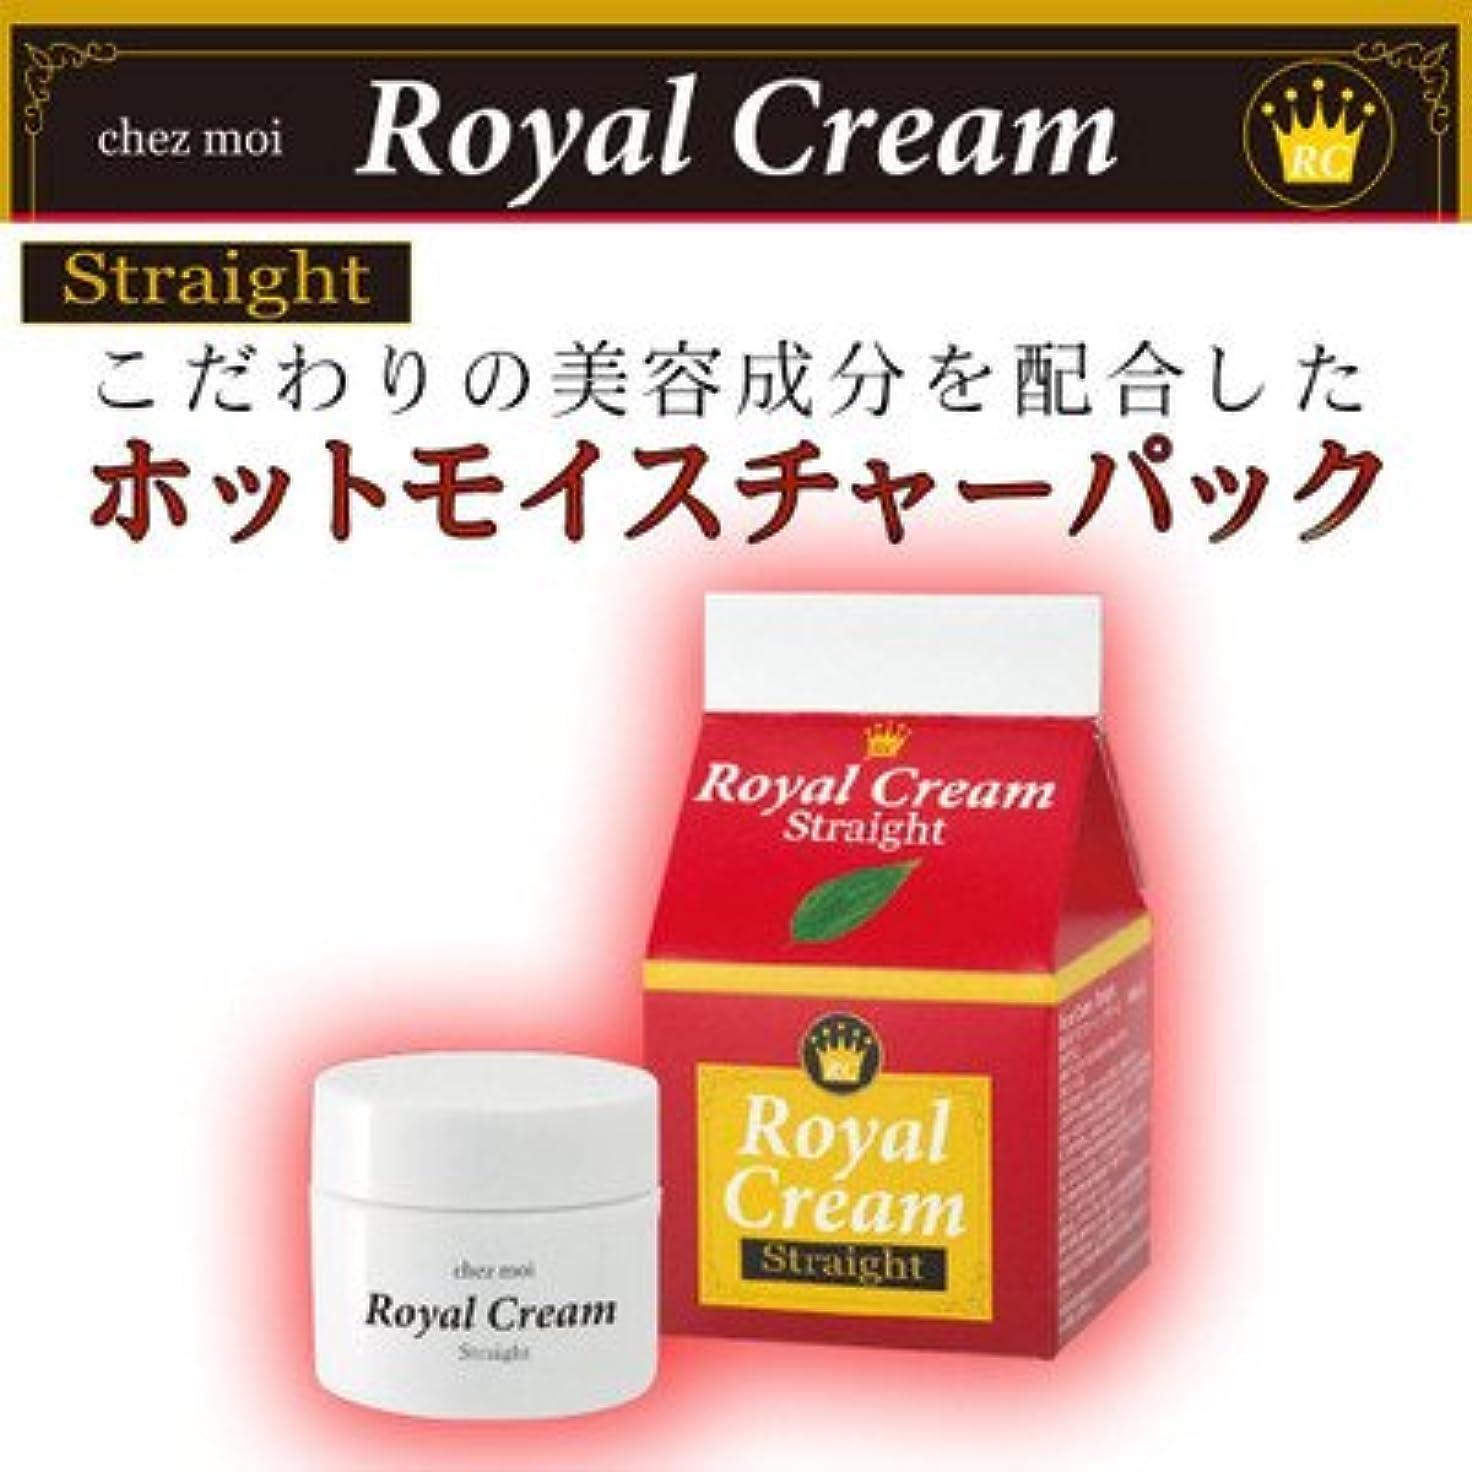 拷問リーダーシップトラフ99%以上植物由来美容成分配合の 温感保湿パック Royal Cream ロイヤルクリーム Straight ストレート モイスチャーパック 30g